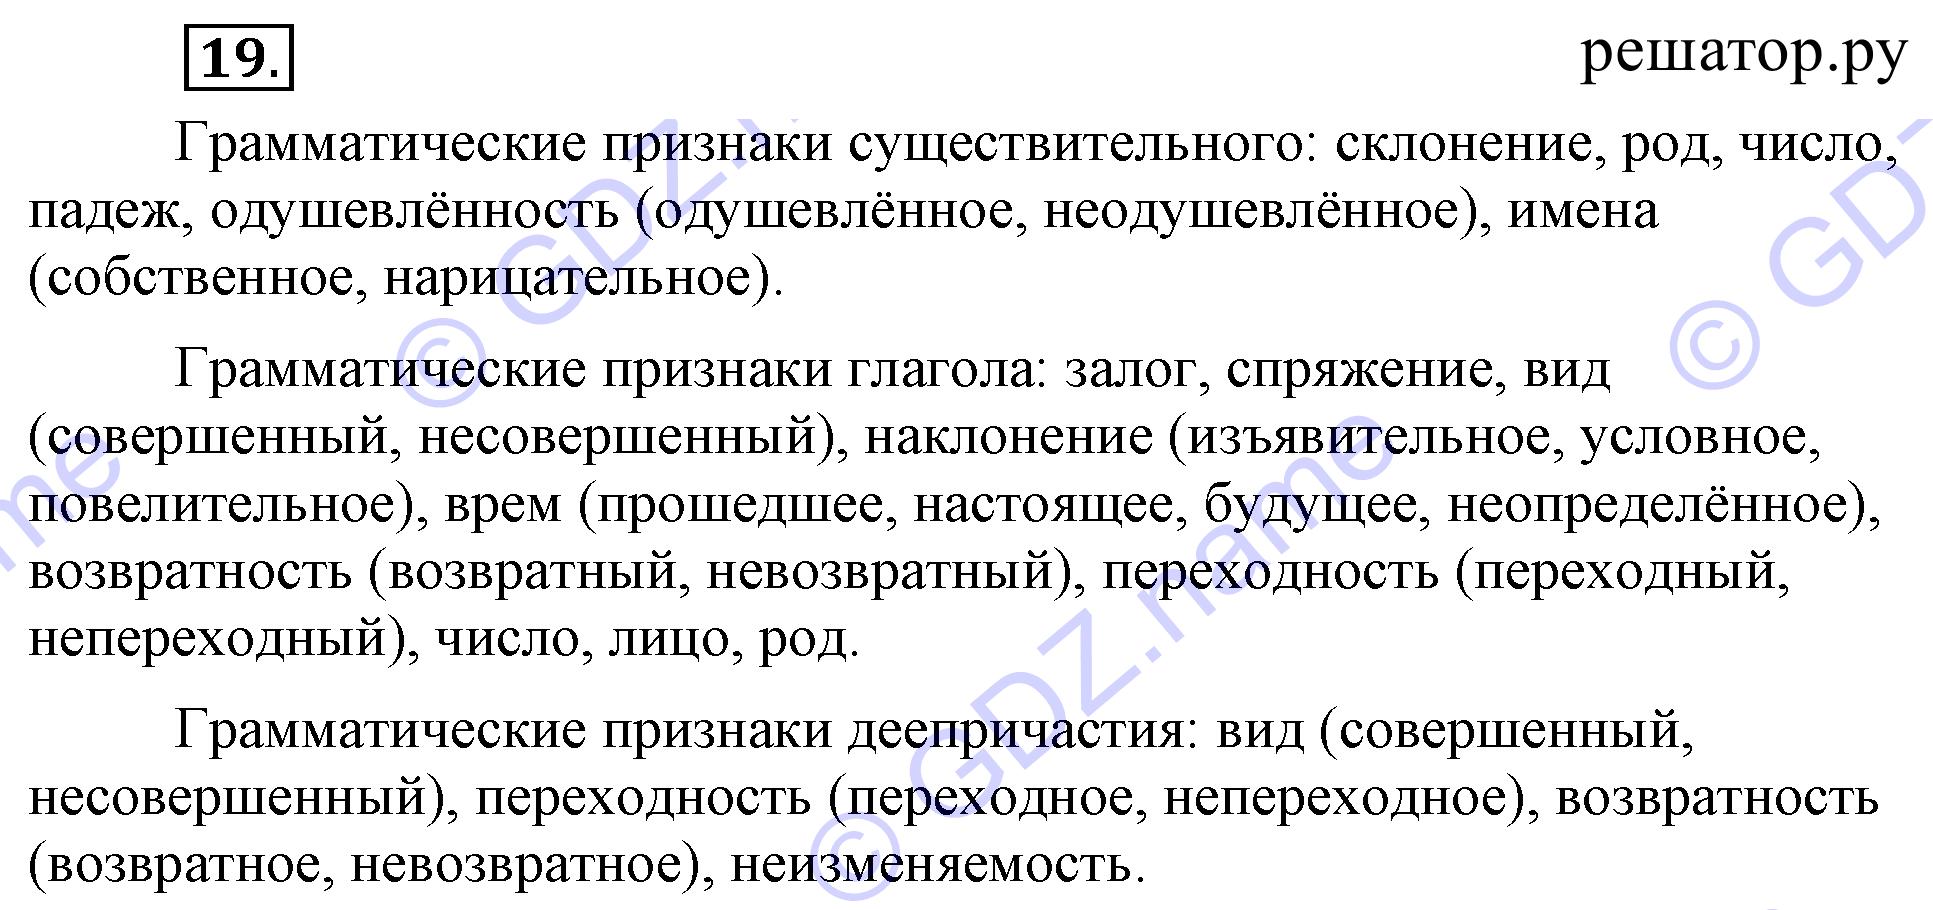 Готовые домашние задания по русскому языку 8 класс разумовская 2018 год